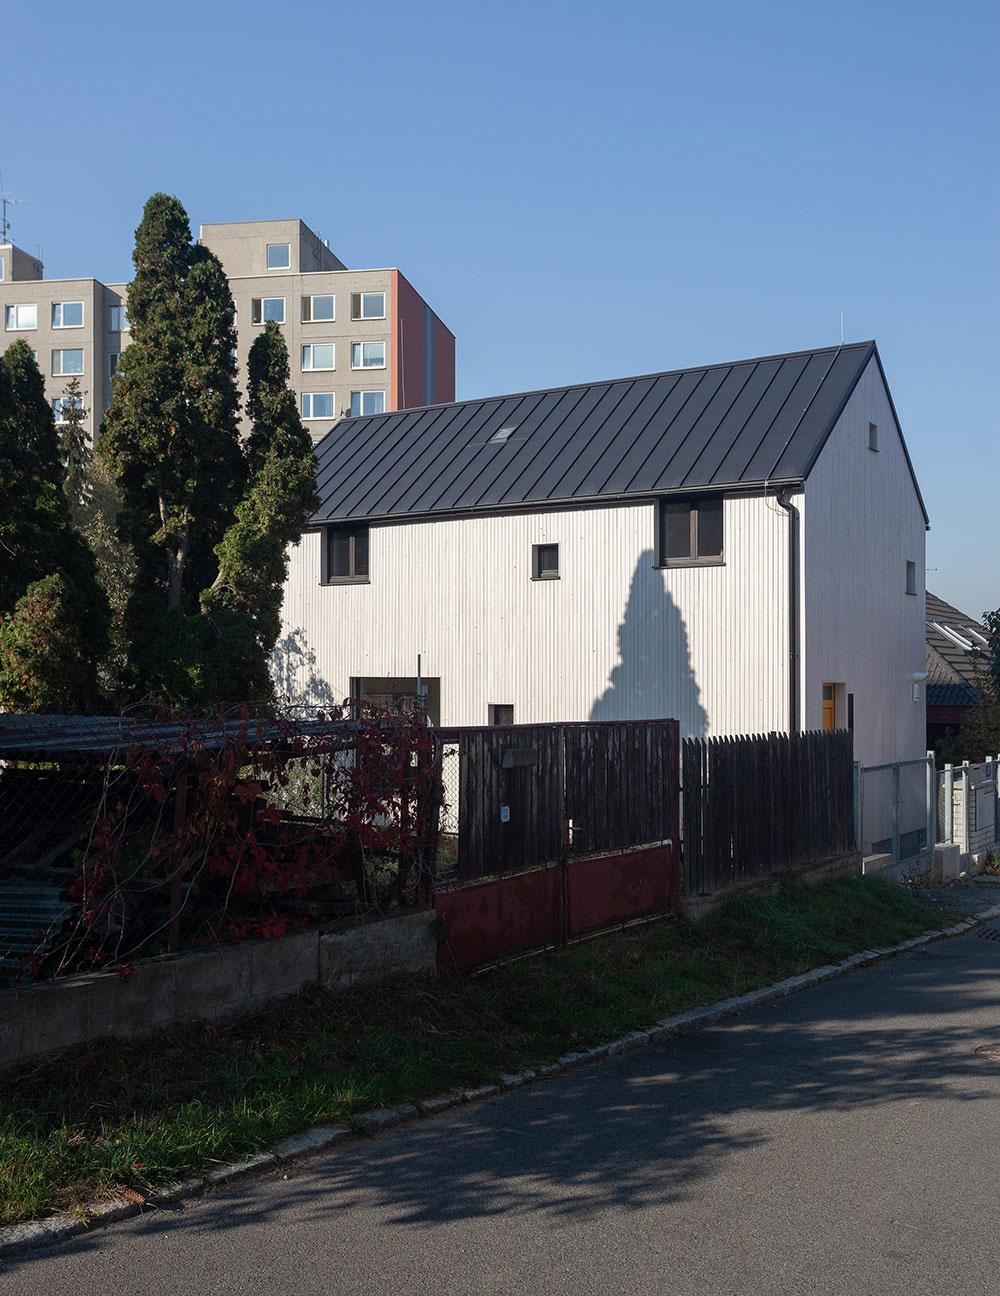 Príkladné riešenie rodinného domu na veľmi úzkej parcele